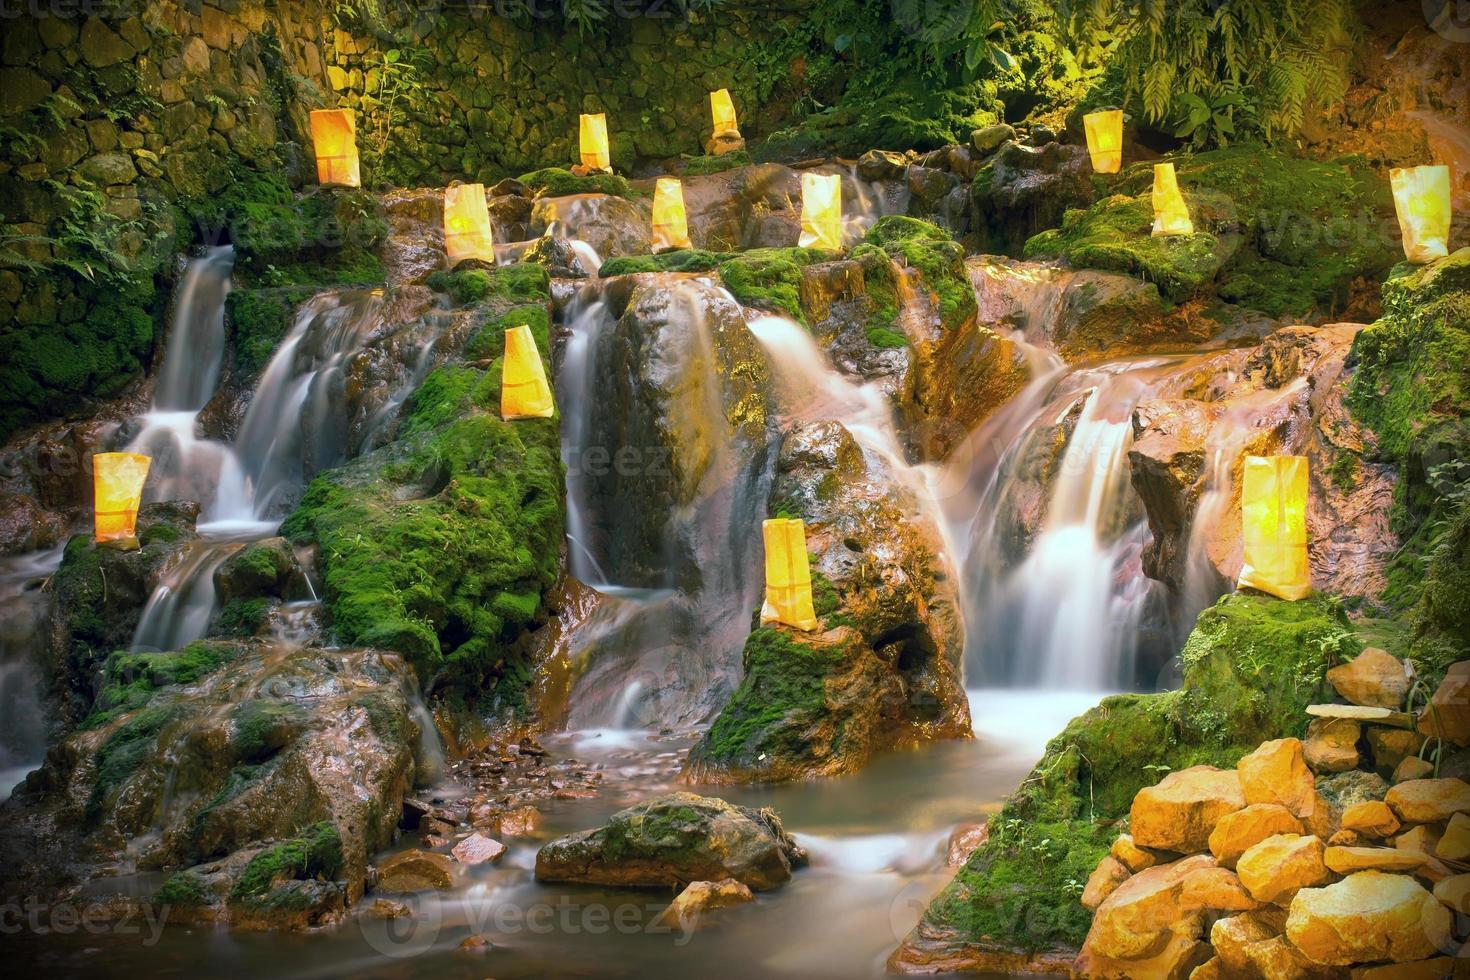 natuur met een waterval die er rilex uitziet, comfortabel en refres foto